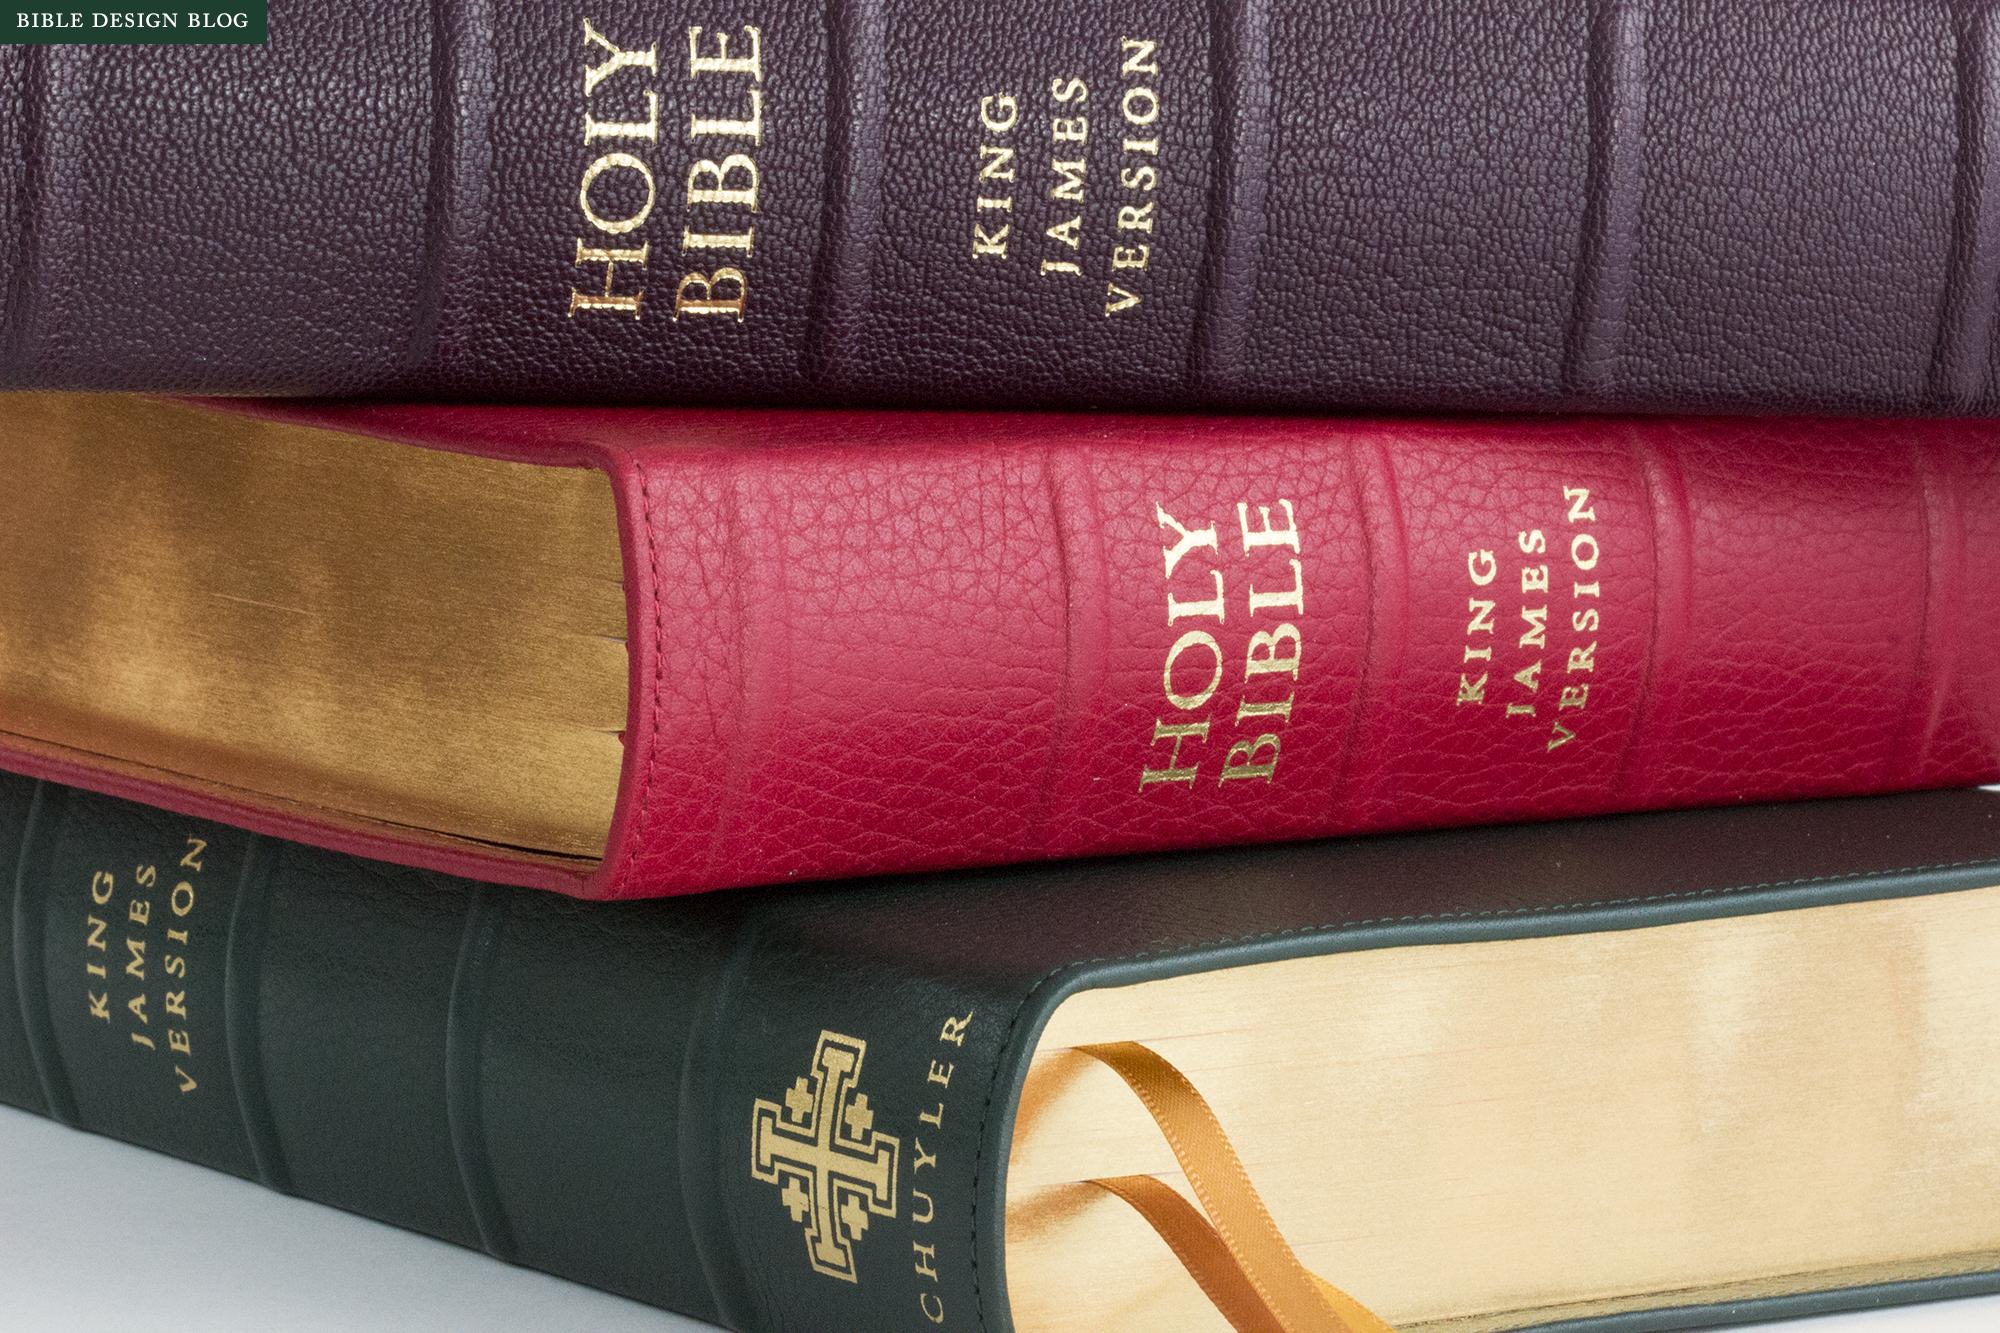 kjv on bible